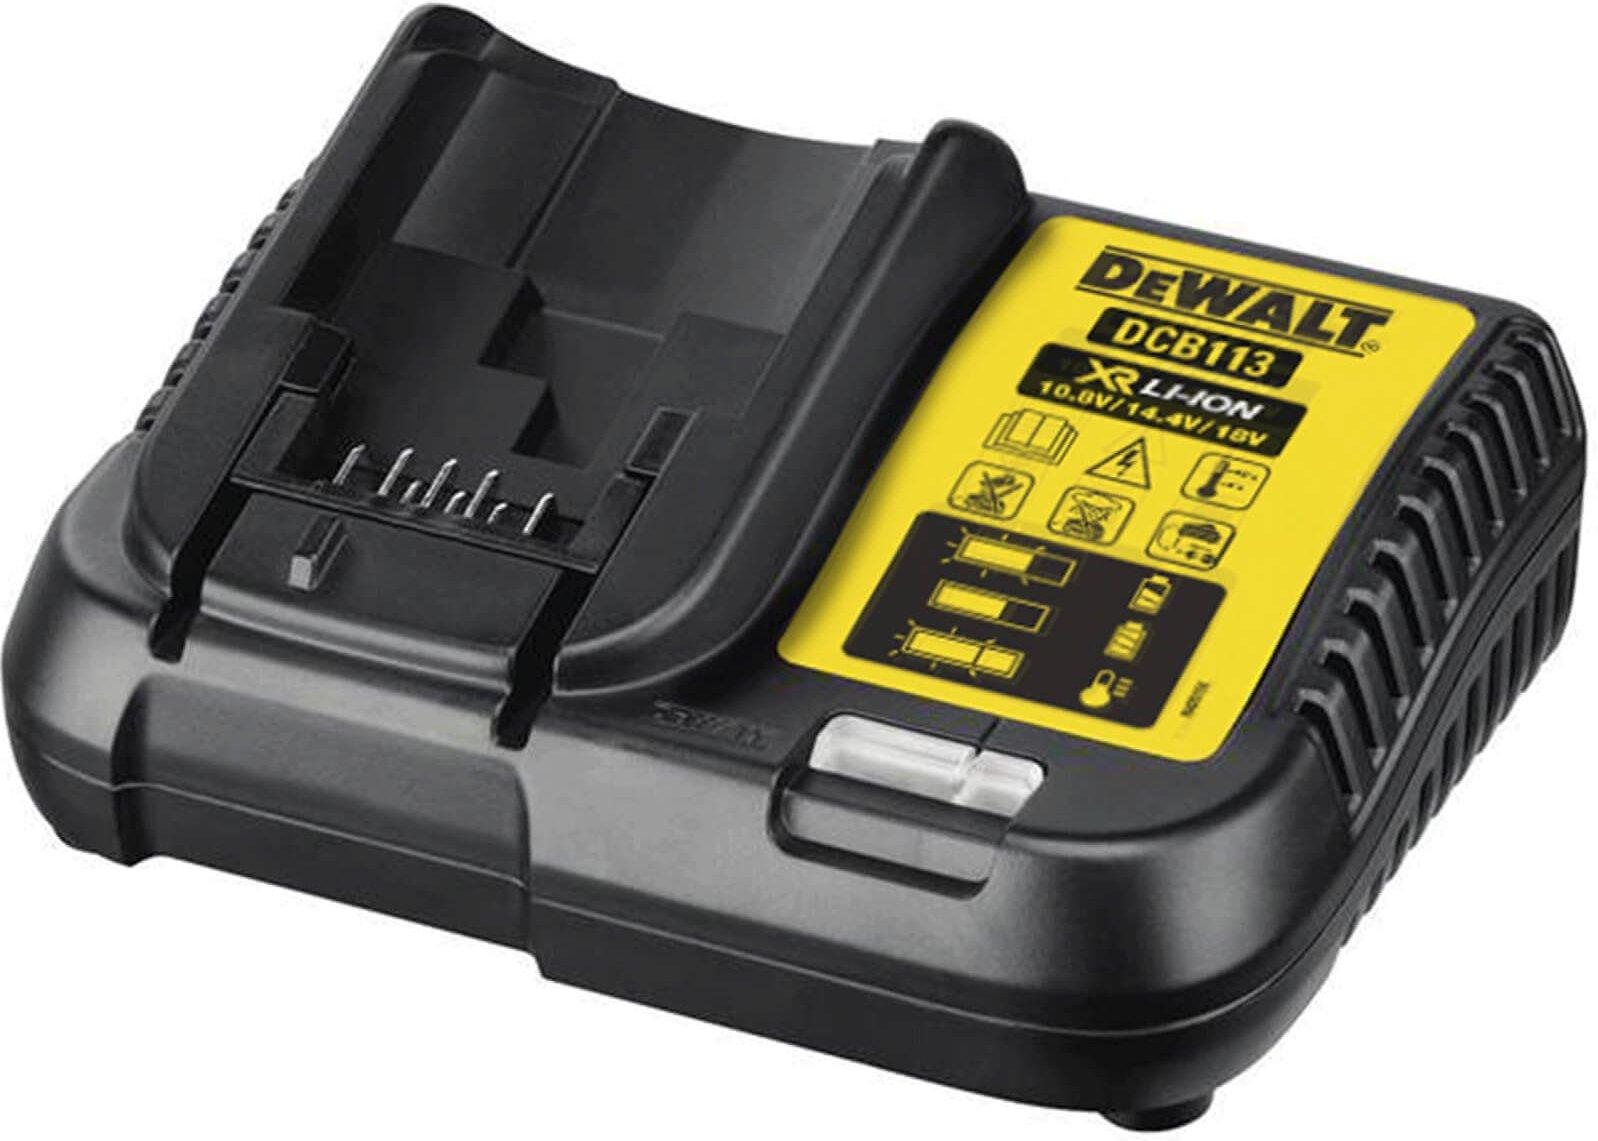 DeWalt DCB113 XR 18v Cordless Li ion Battery Charger